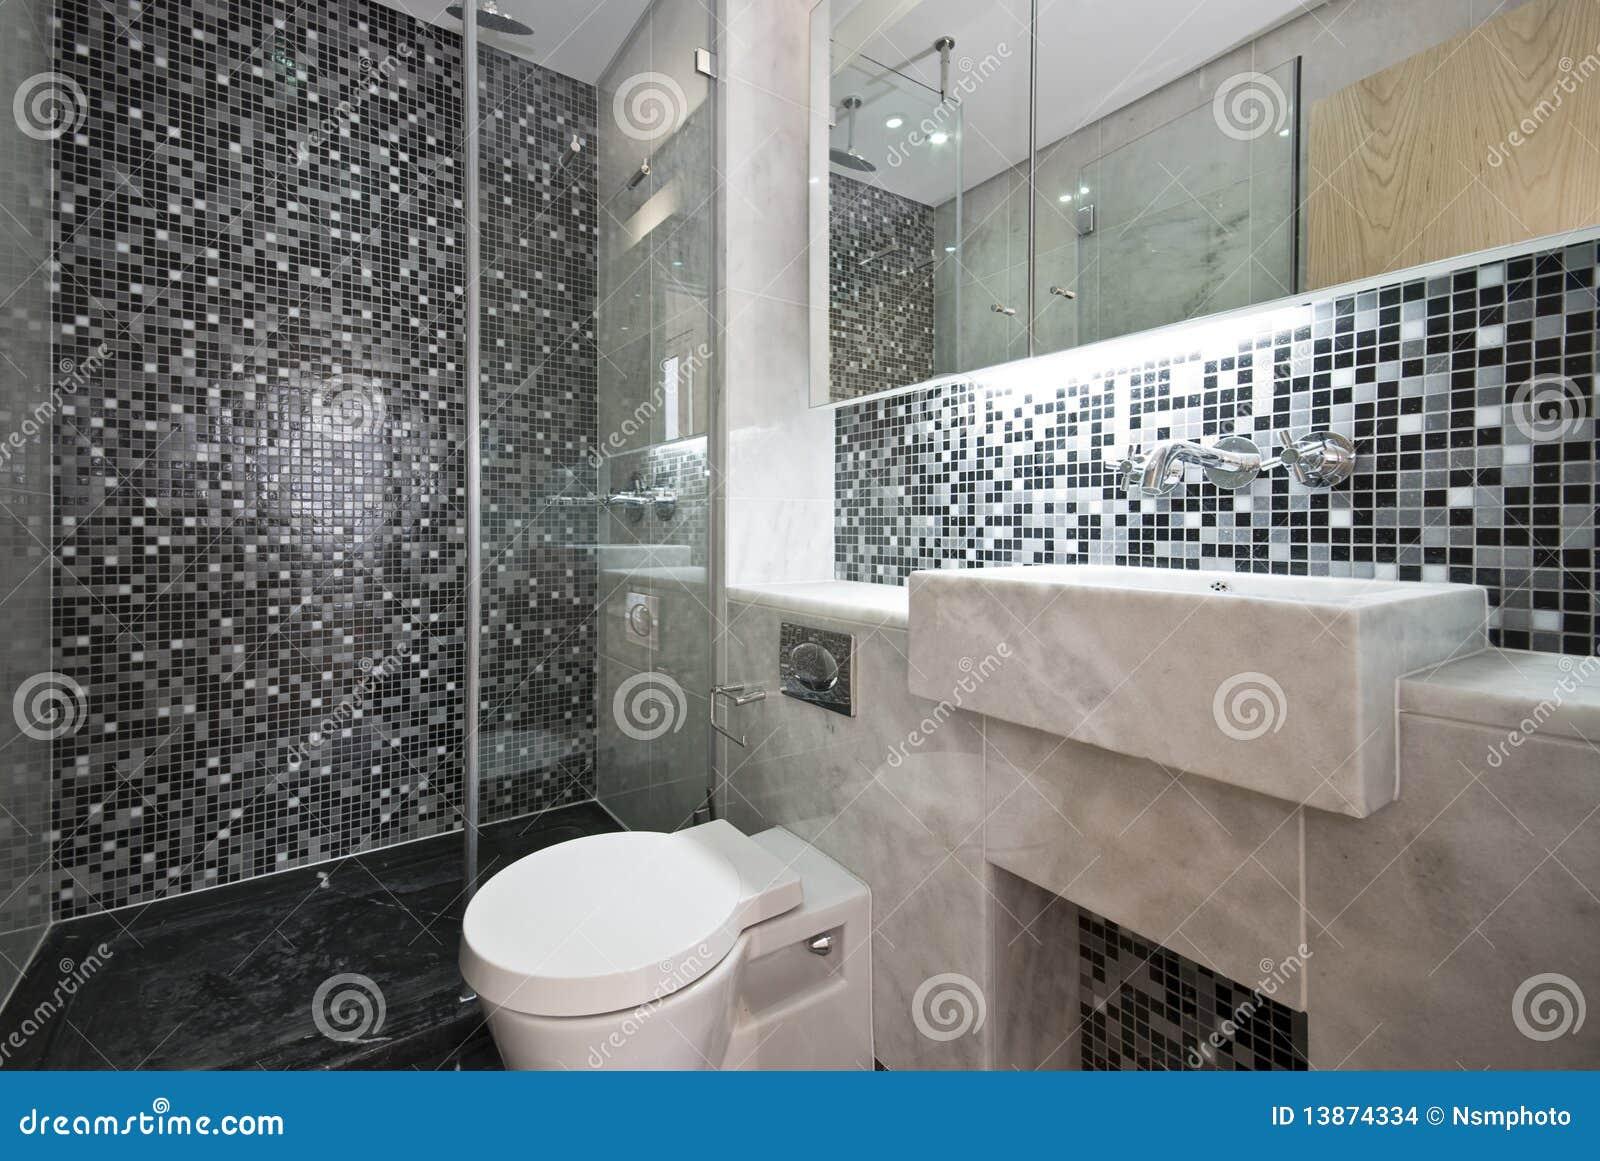 Luxueuze badkamers in zwart wit stock afbeeldingen afbeelding 13874334 - Badkamers ...